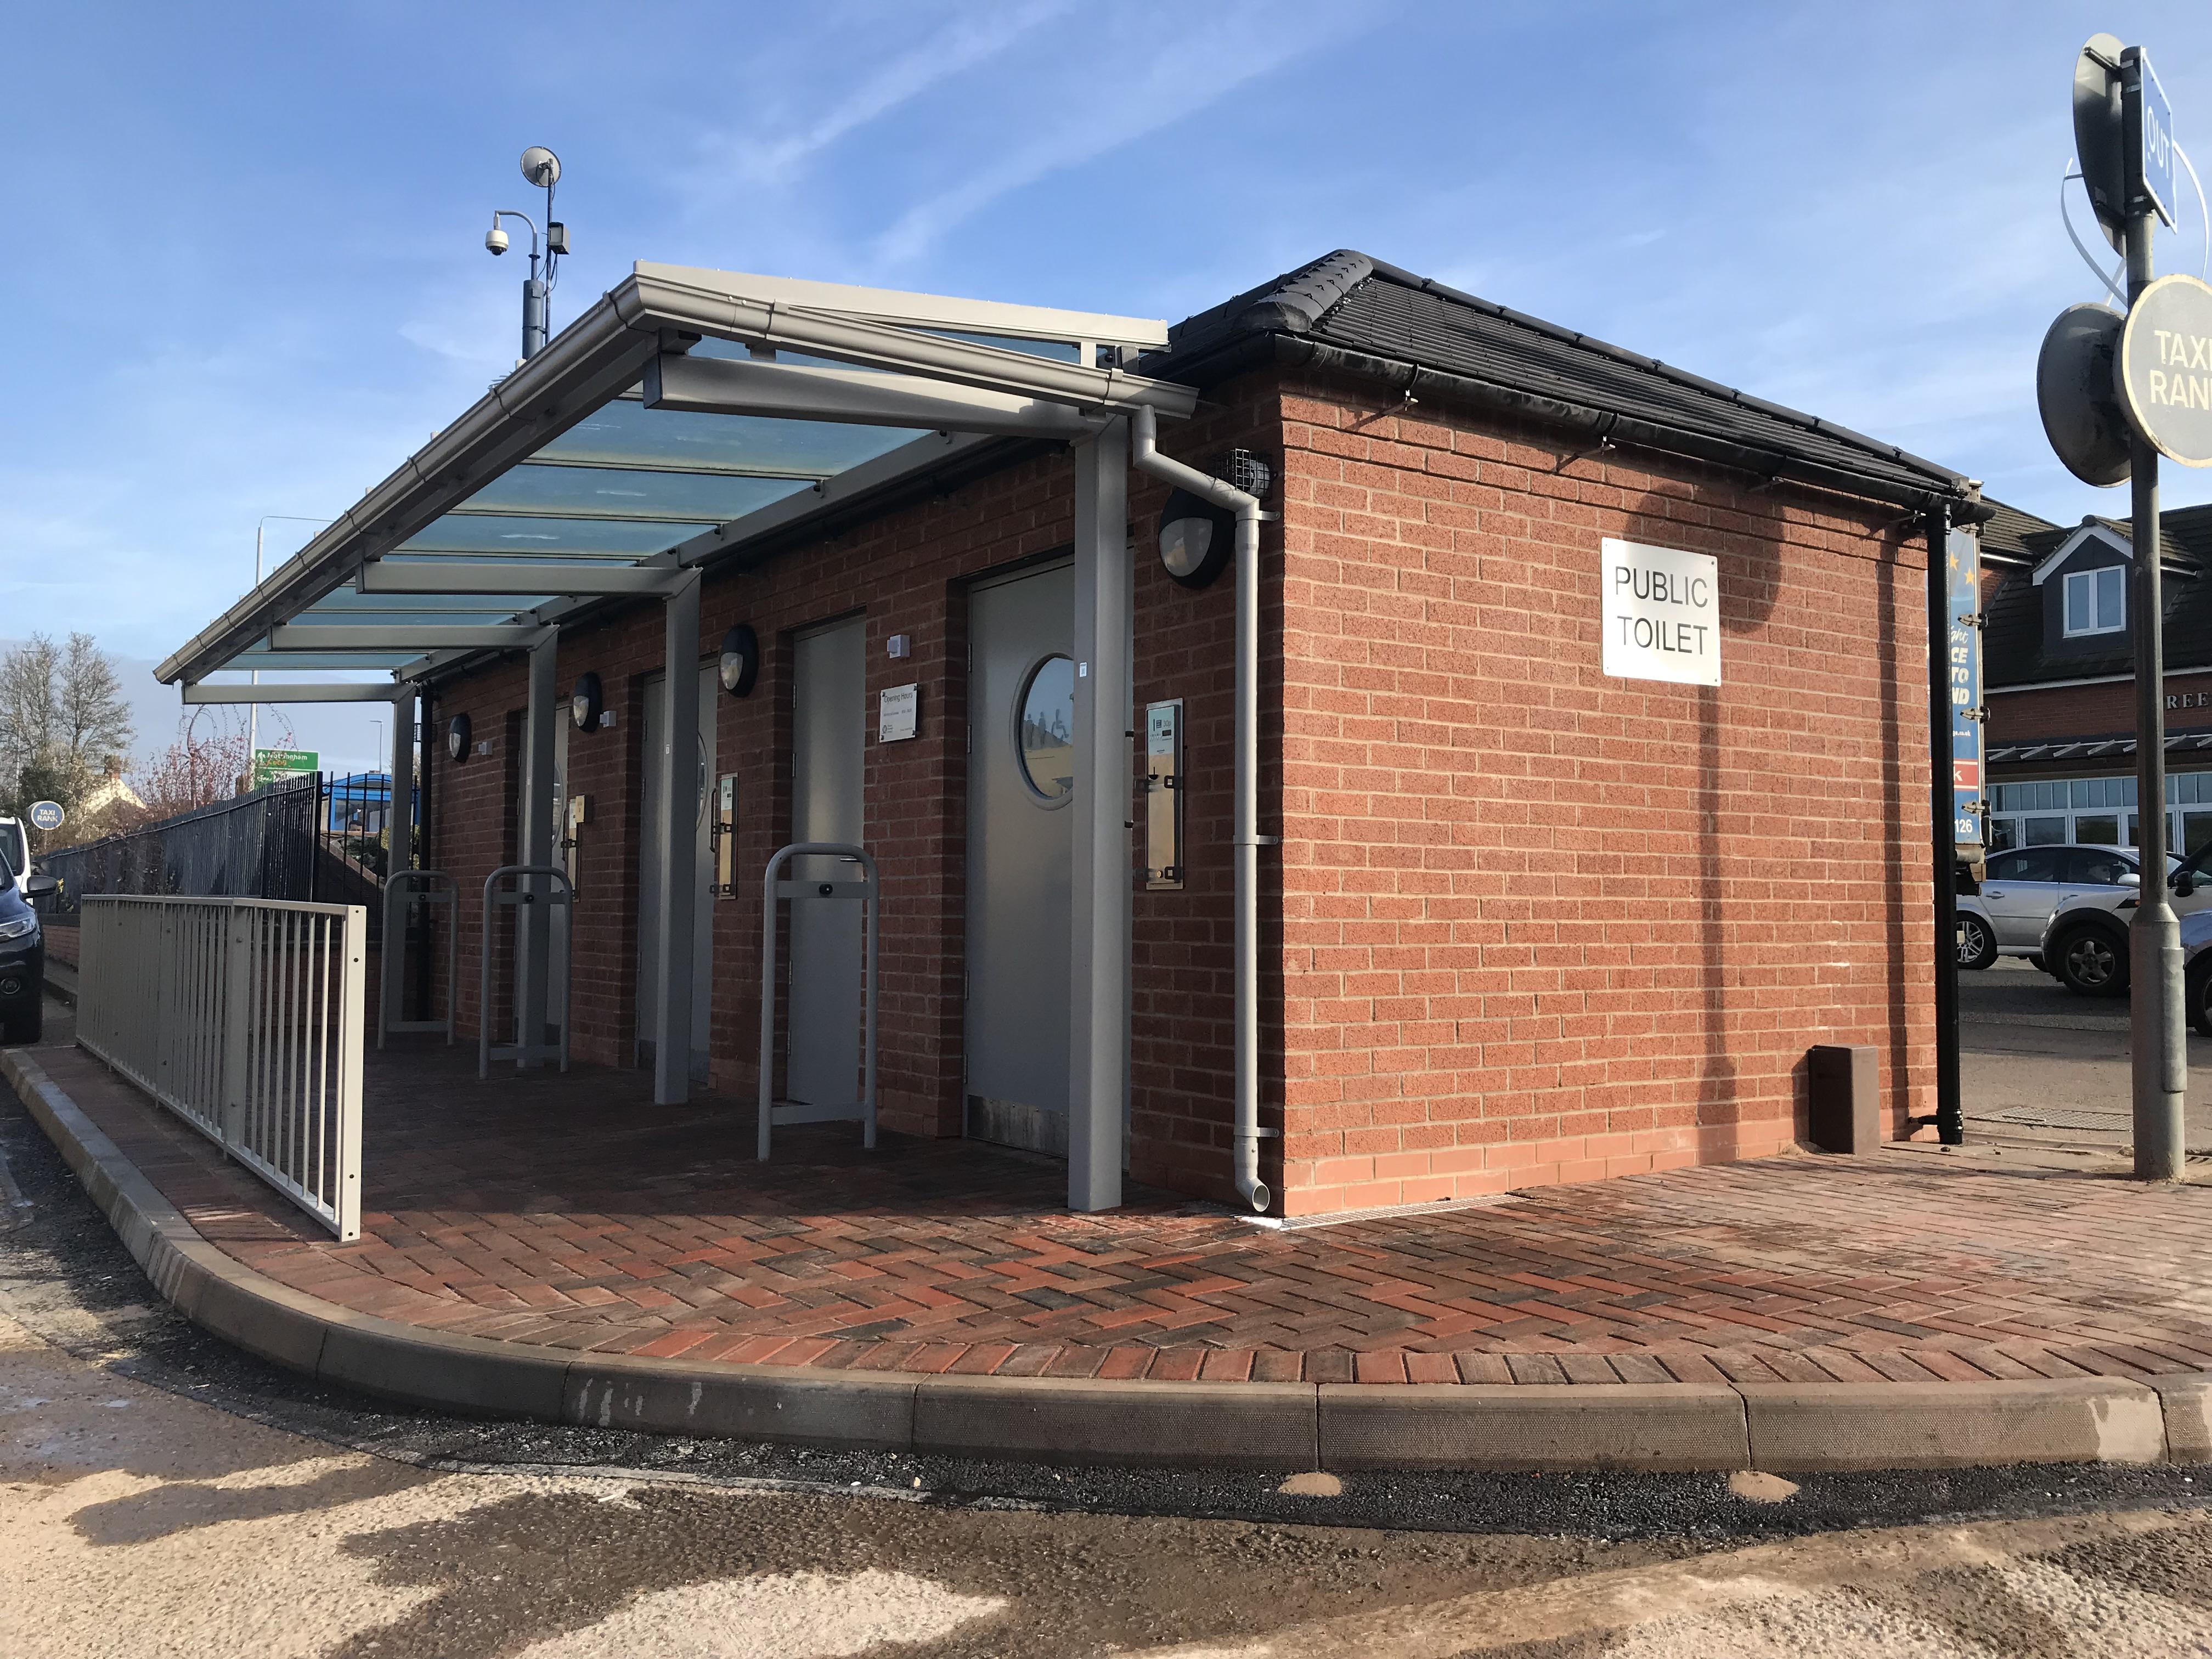 Melton Borough Council